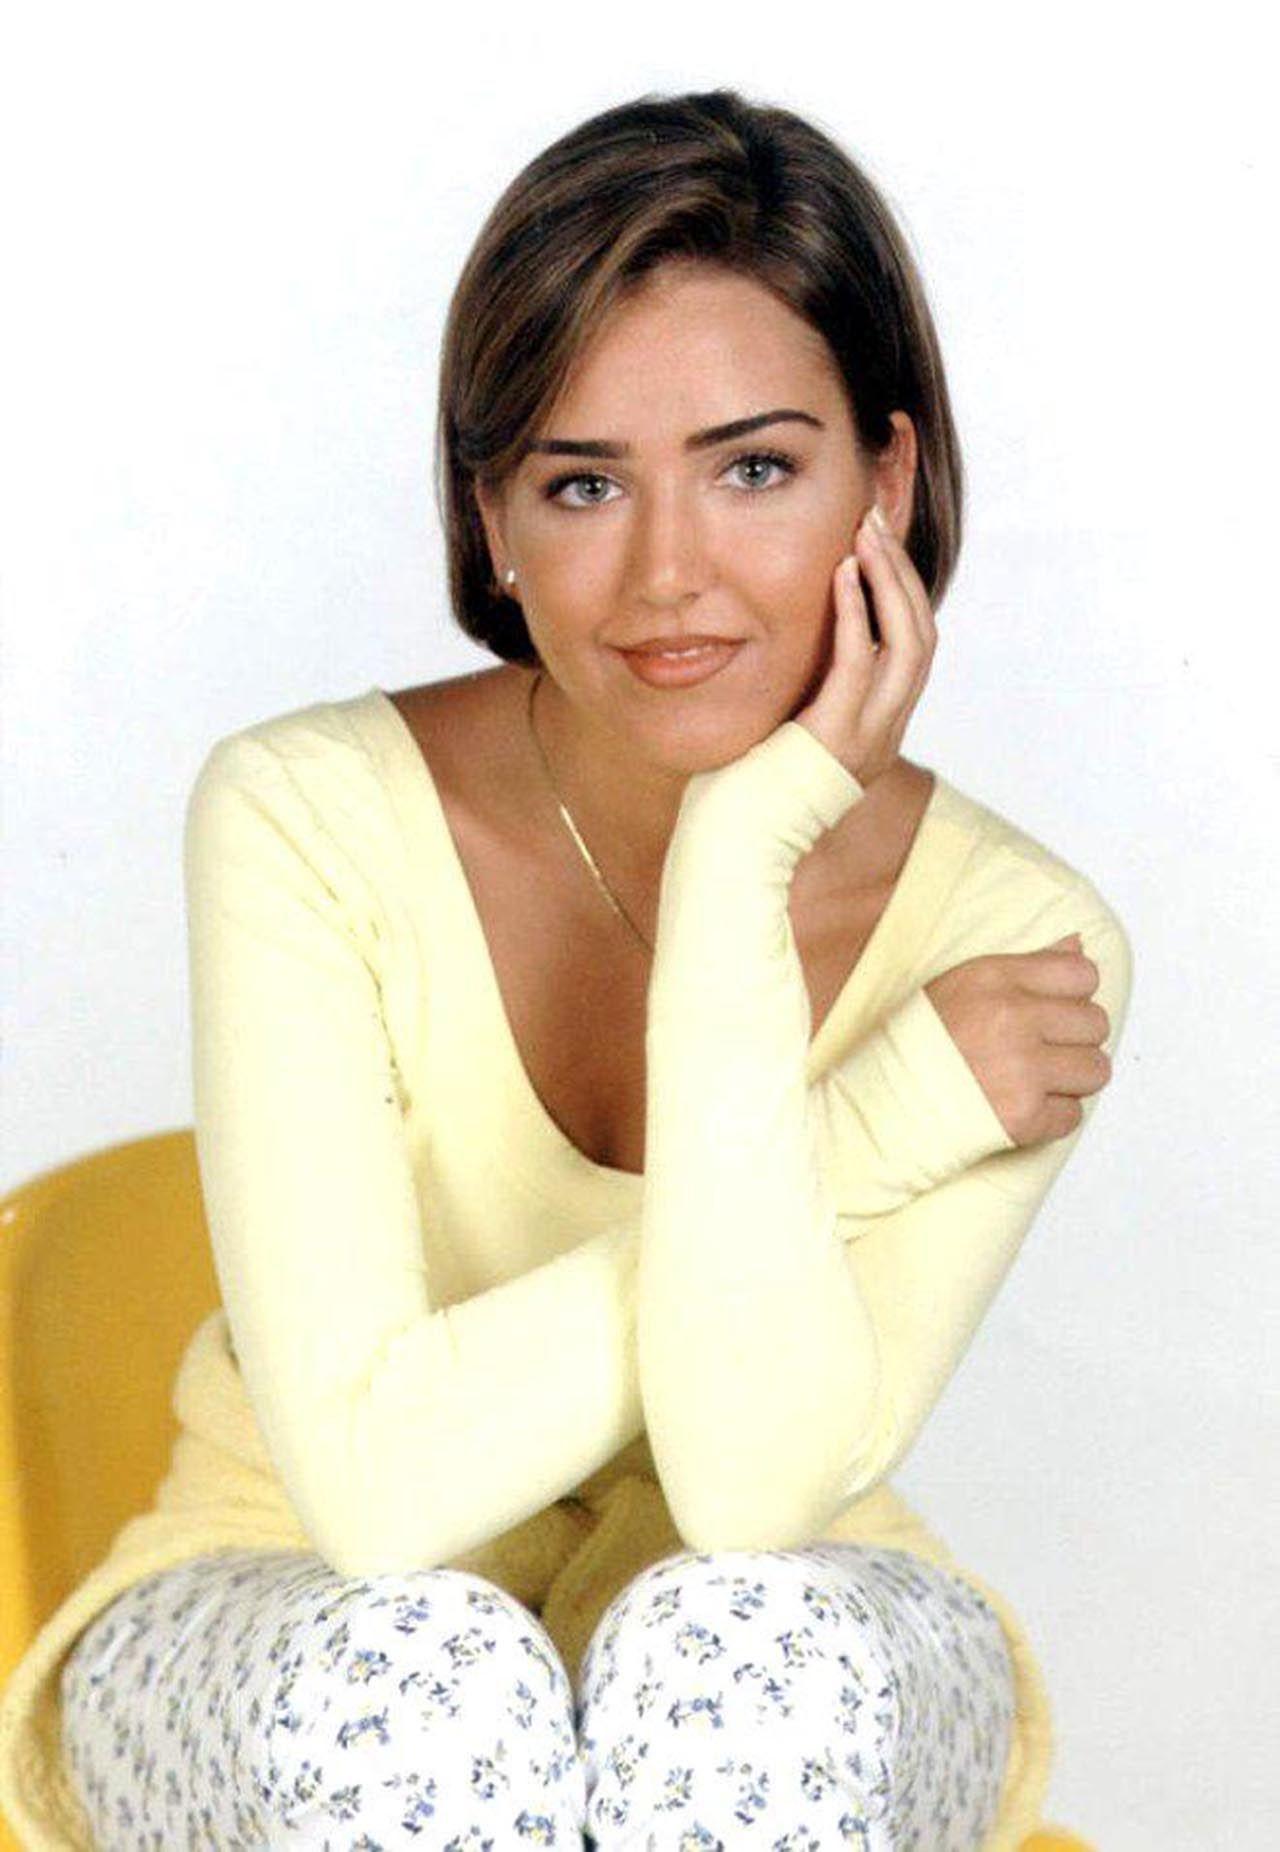 Bir dönem ''Şinanari'' şarkısıyla fırtınalar estiren Pınar Dilşeker tanınmaz halde - Resim: 4